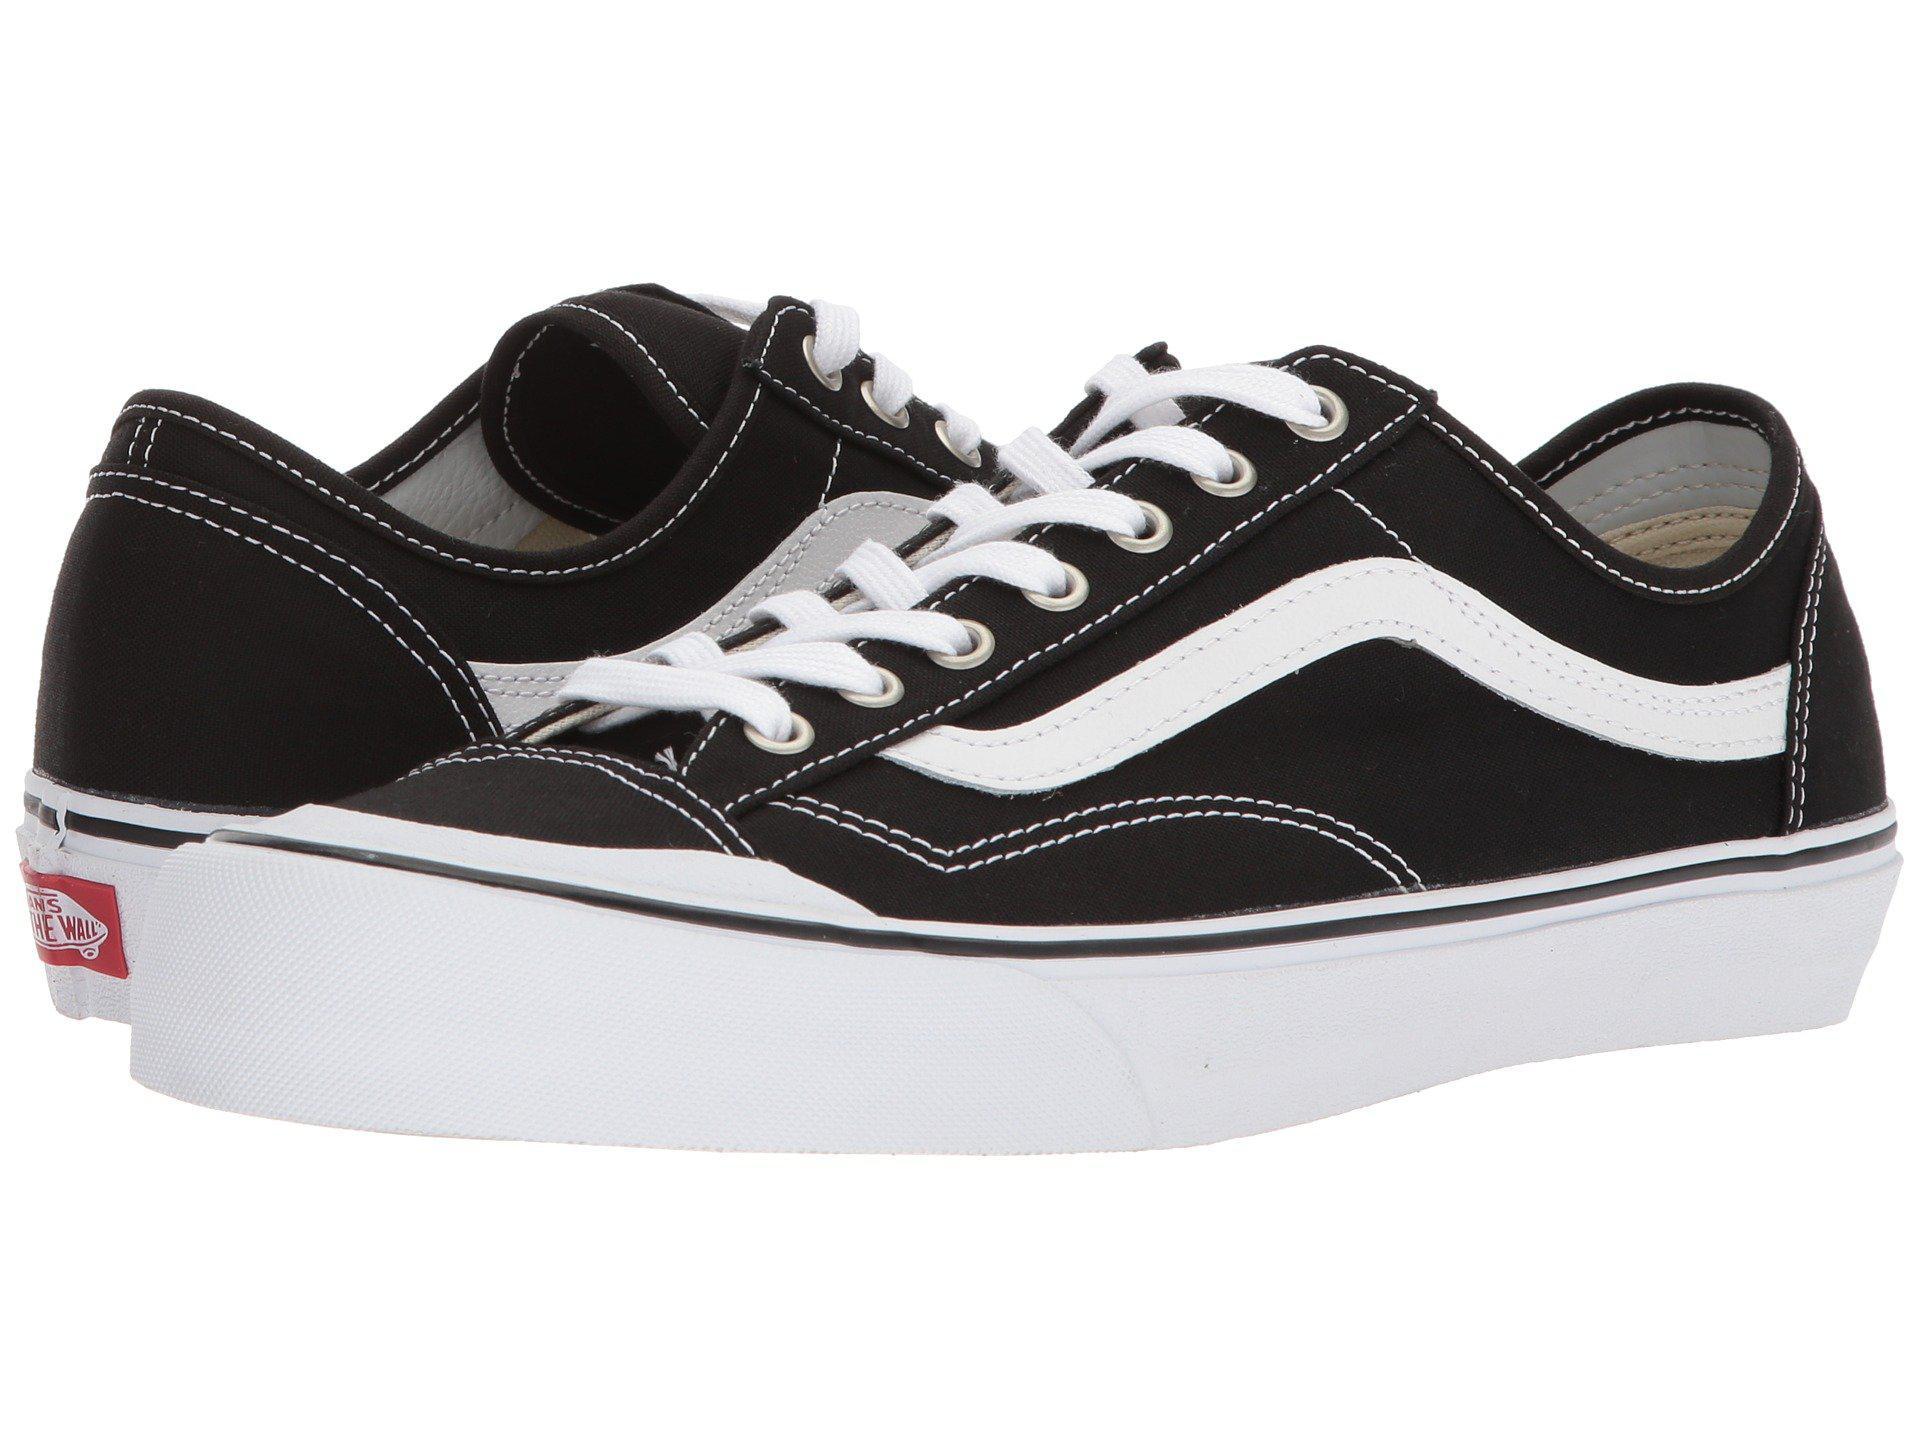 vans style shoes